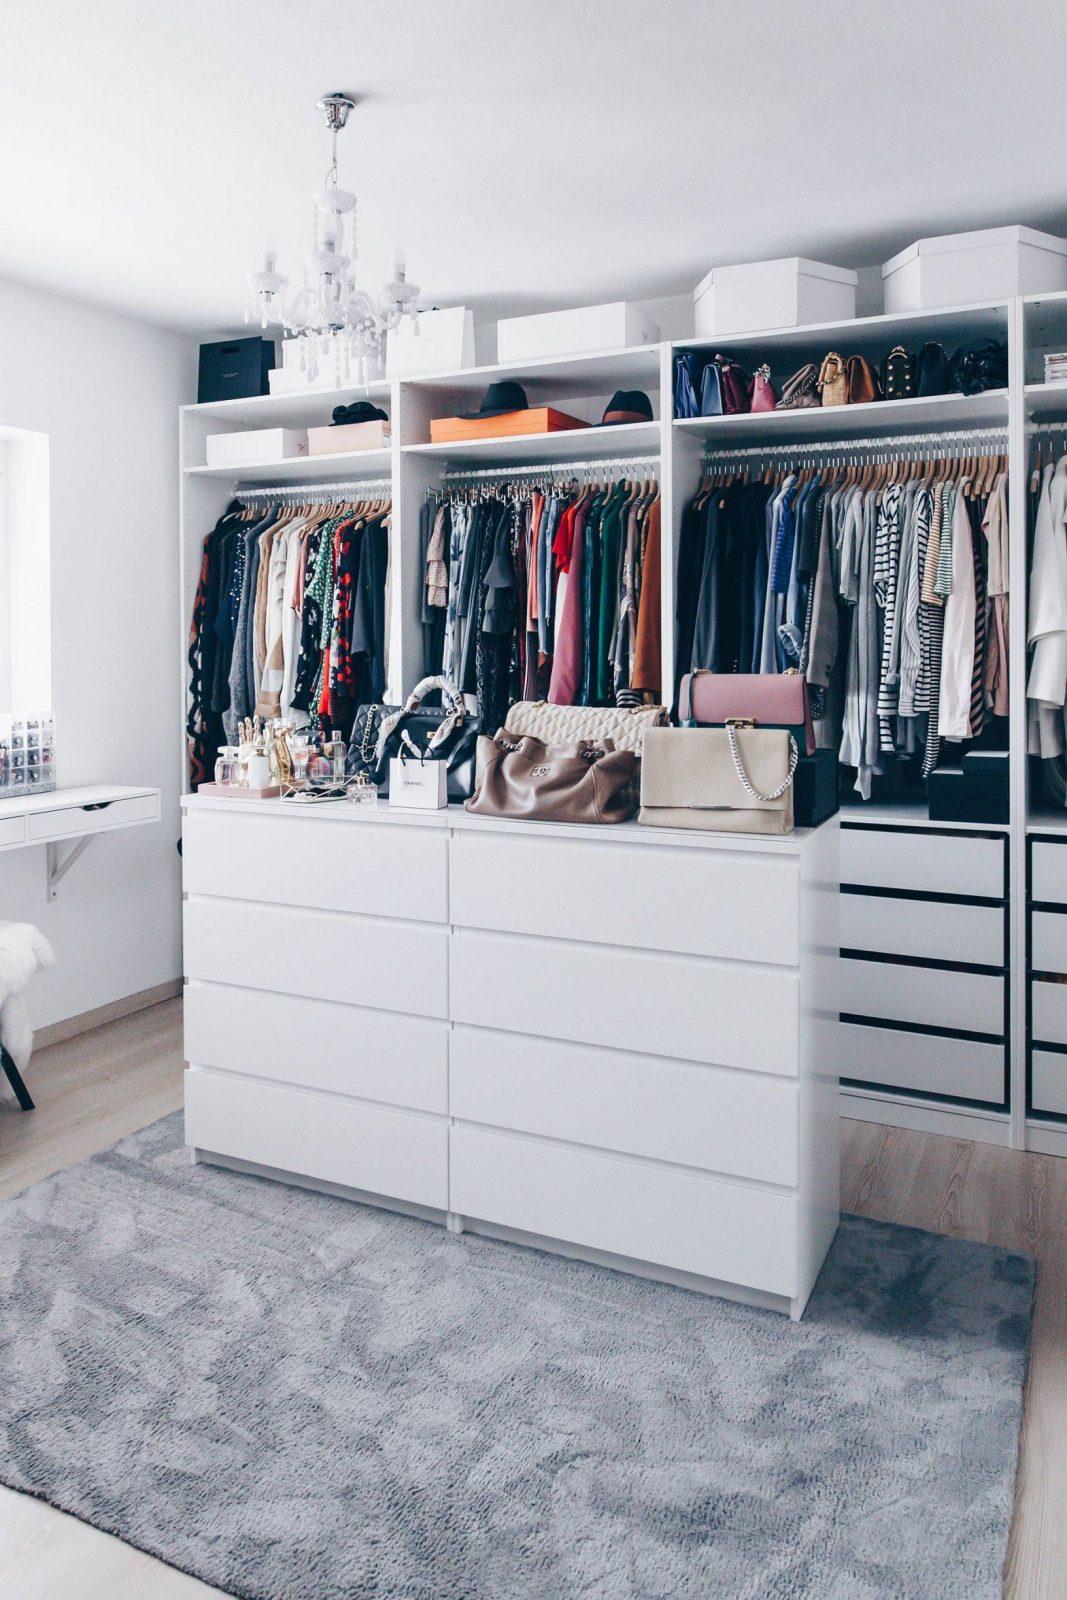 So Habe Ich Mein Ankleidezimmer Eingerichtet Und Gestaltet von Ikea Begehbarer Kleiderschrank Planen Bild